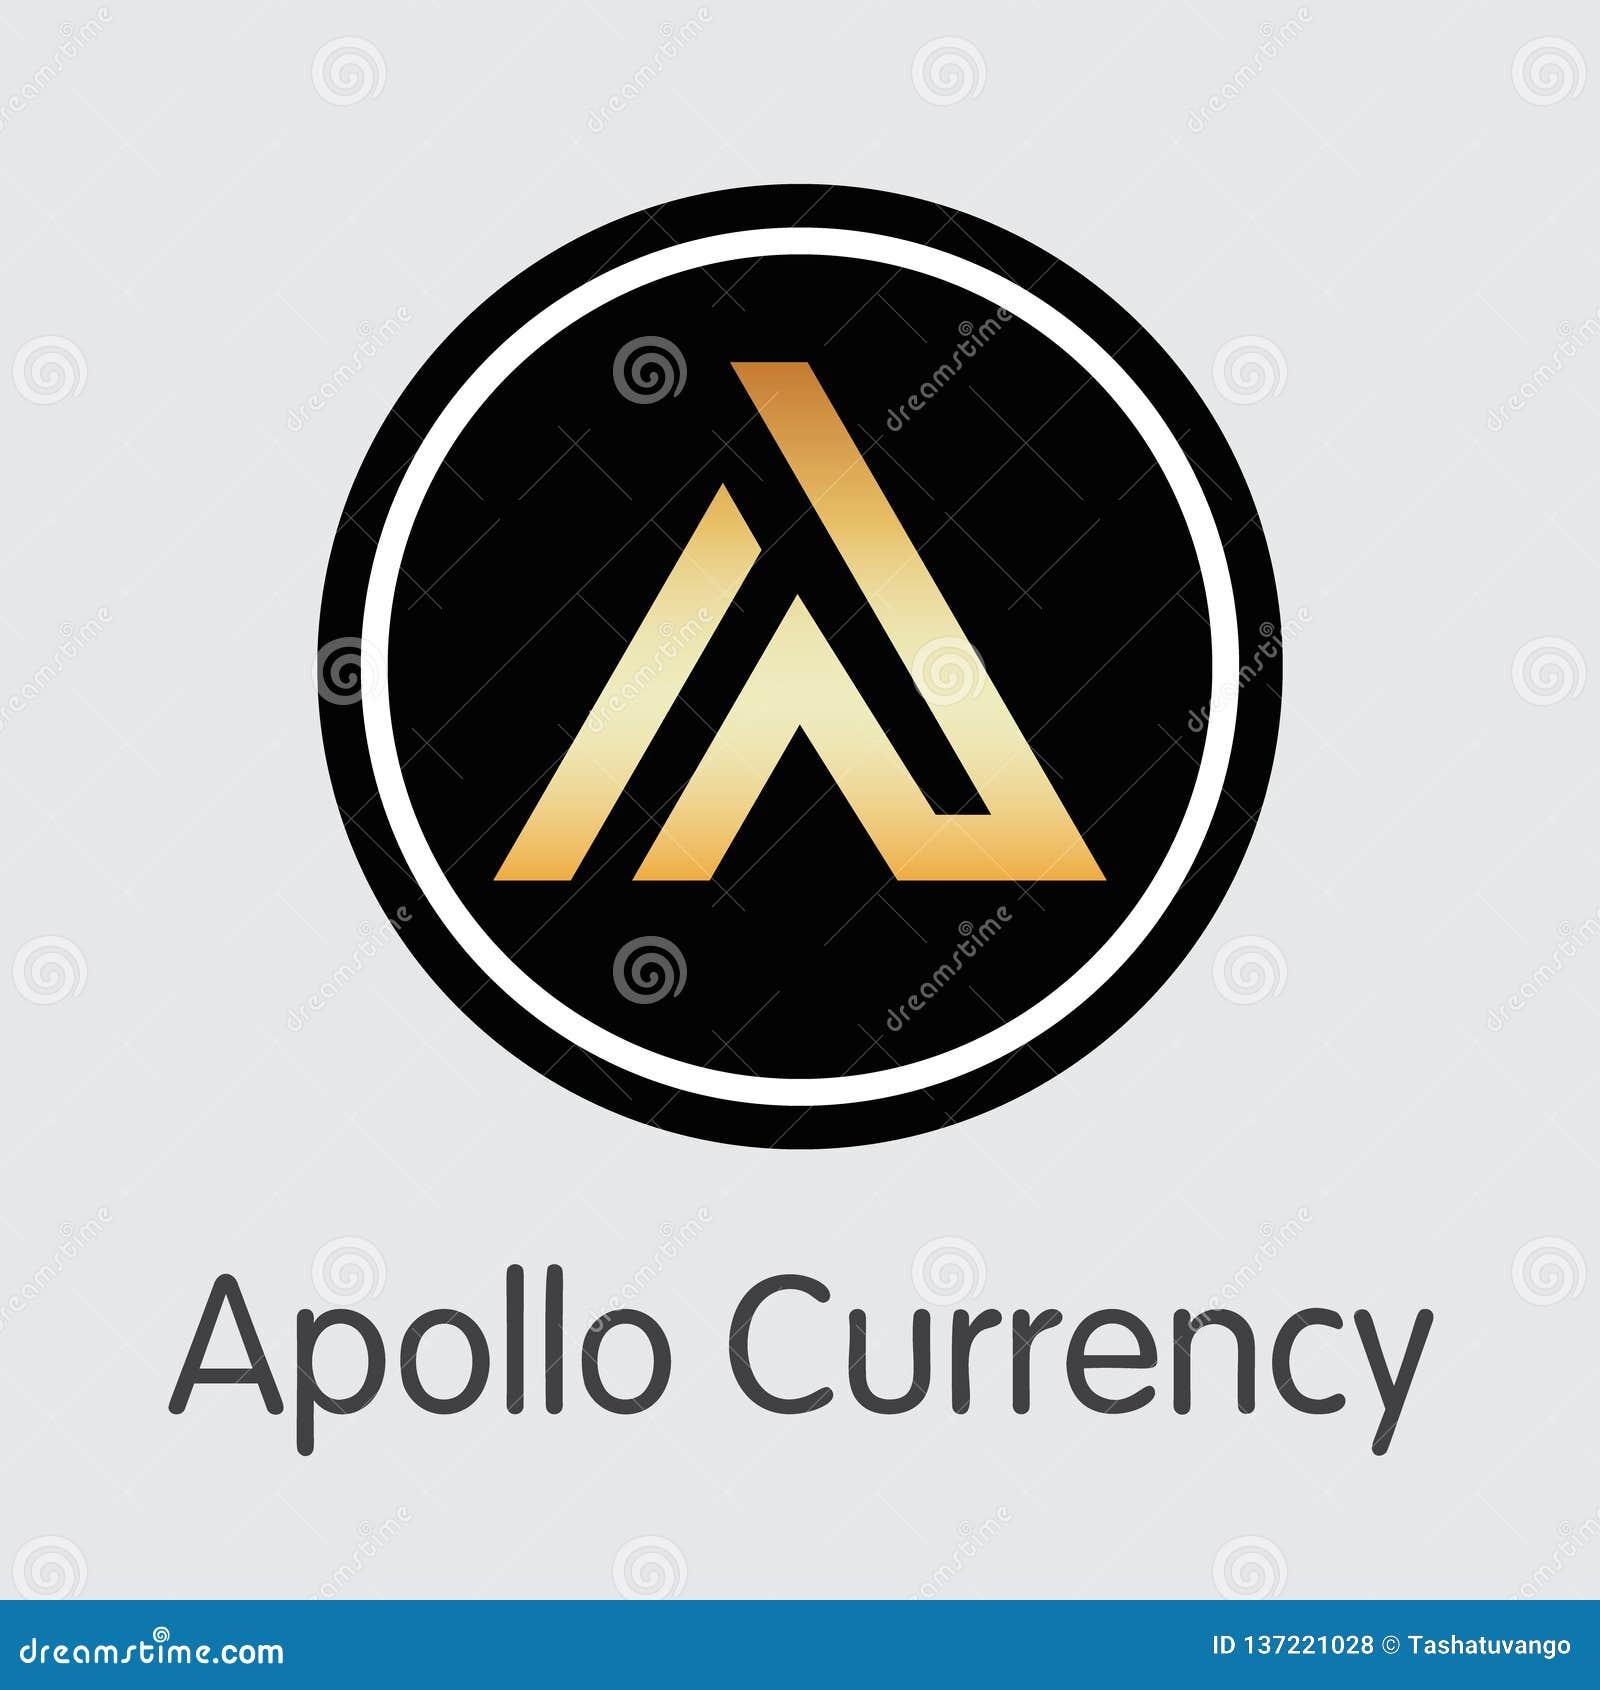 APL - Apollo Currency El icono del emblema de la moneda o del mercado